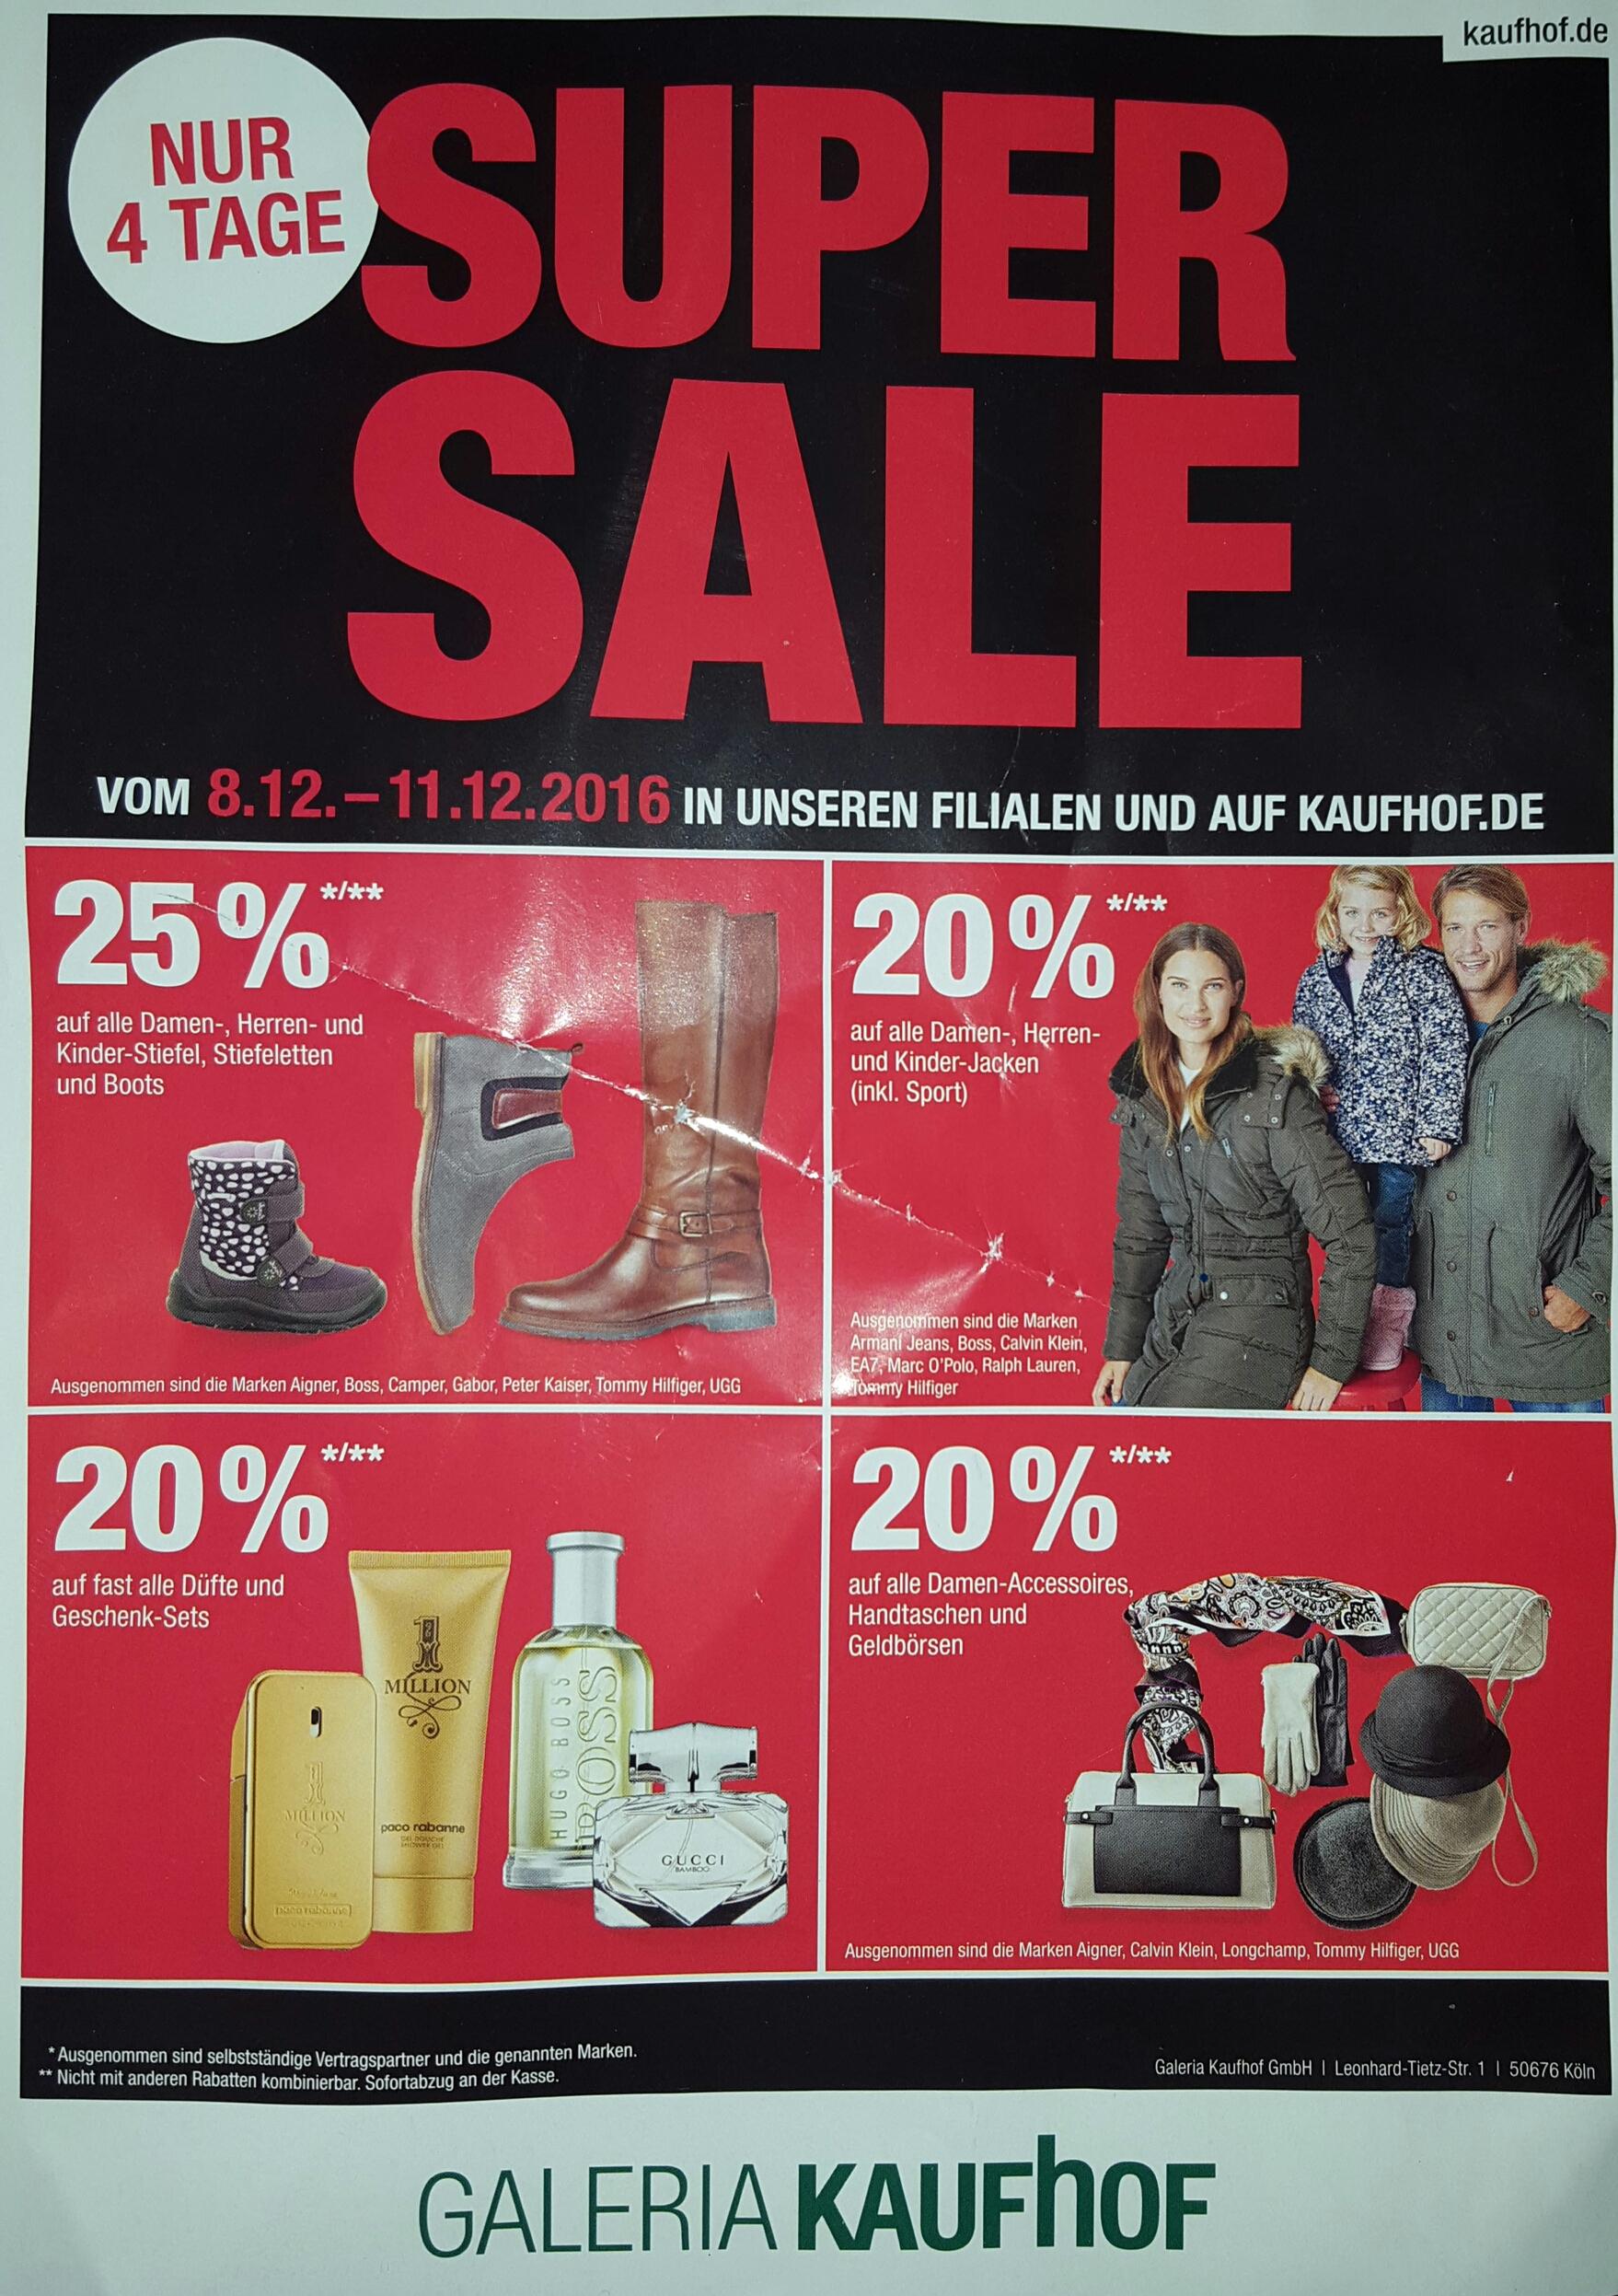 [Kaufhof Super Sale] 20% bzw. 25% Gutschein auf bestimmte Bereiche - Bundesweit in Filialen und online vom 8.12 bis 11.12